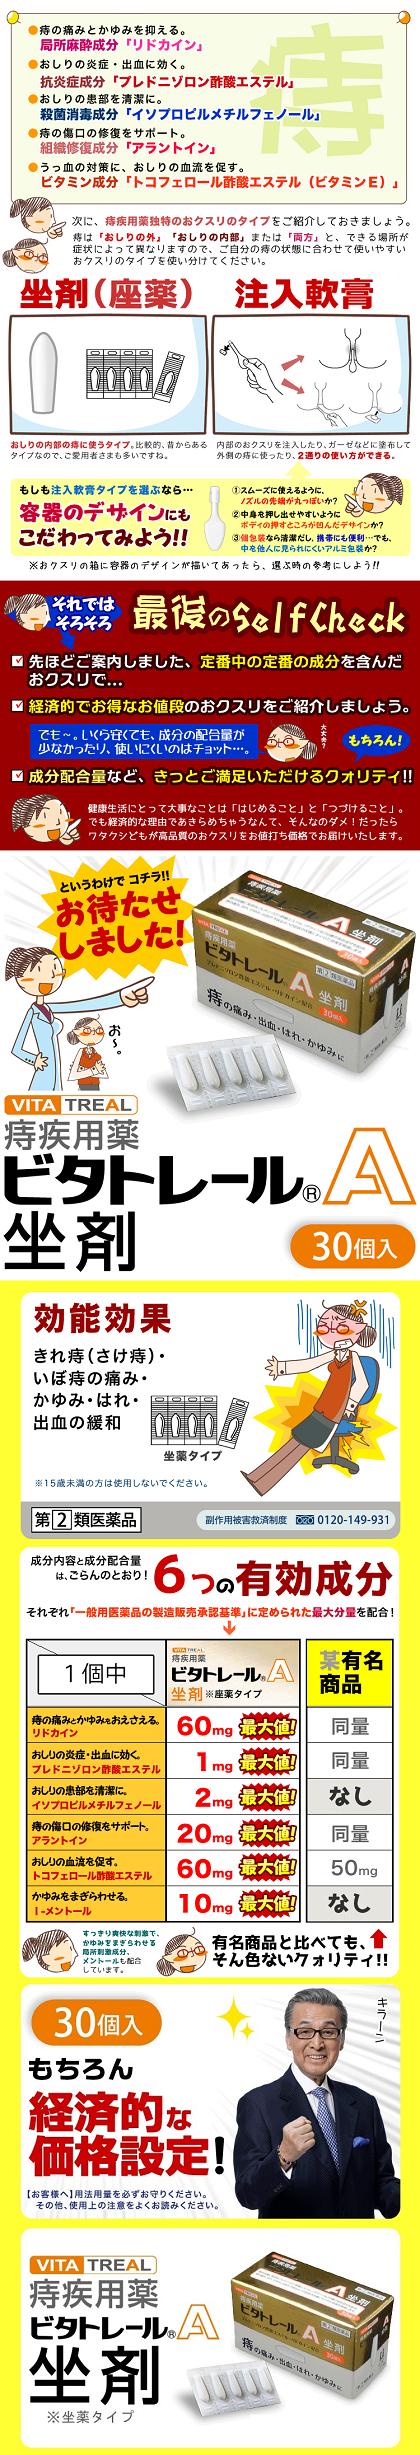 ビタトレールA坐剤の商品説明②